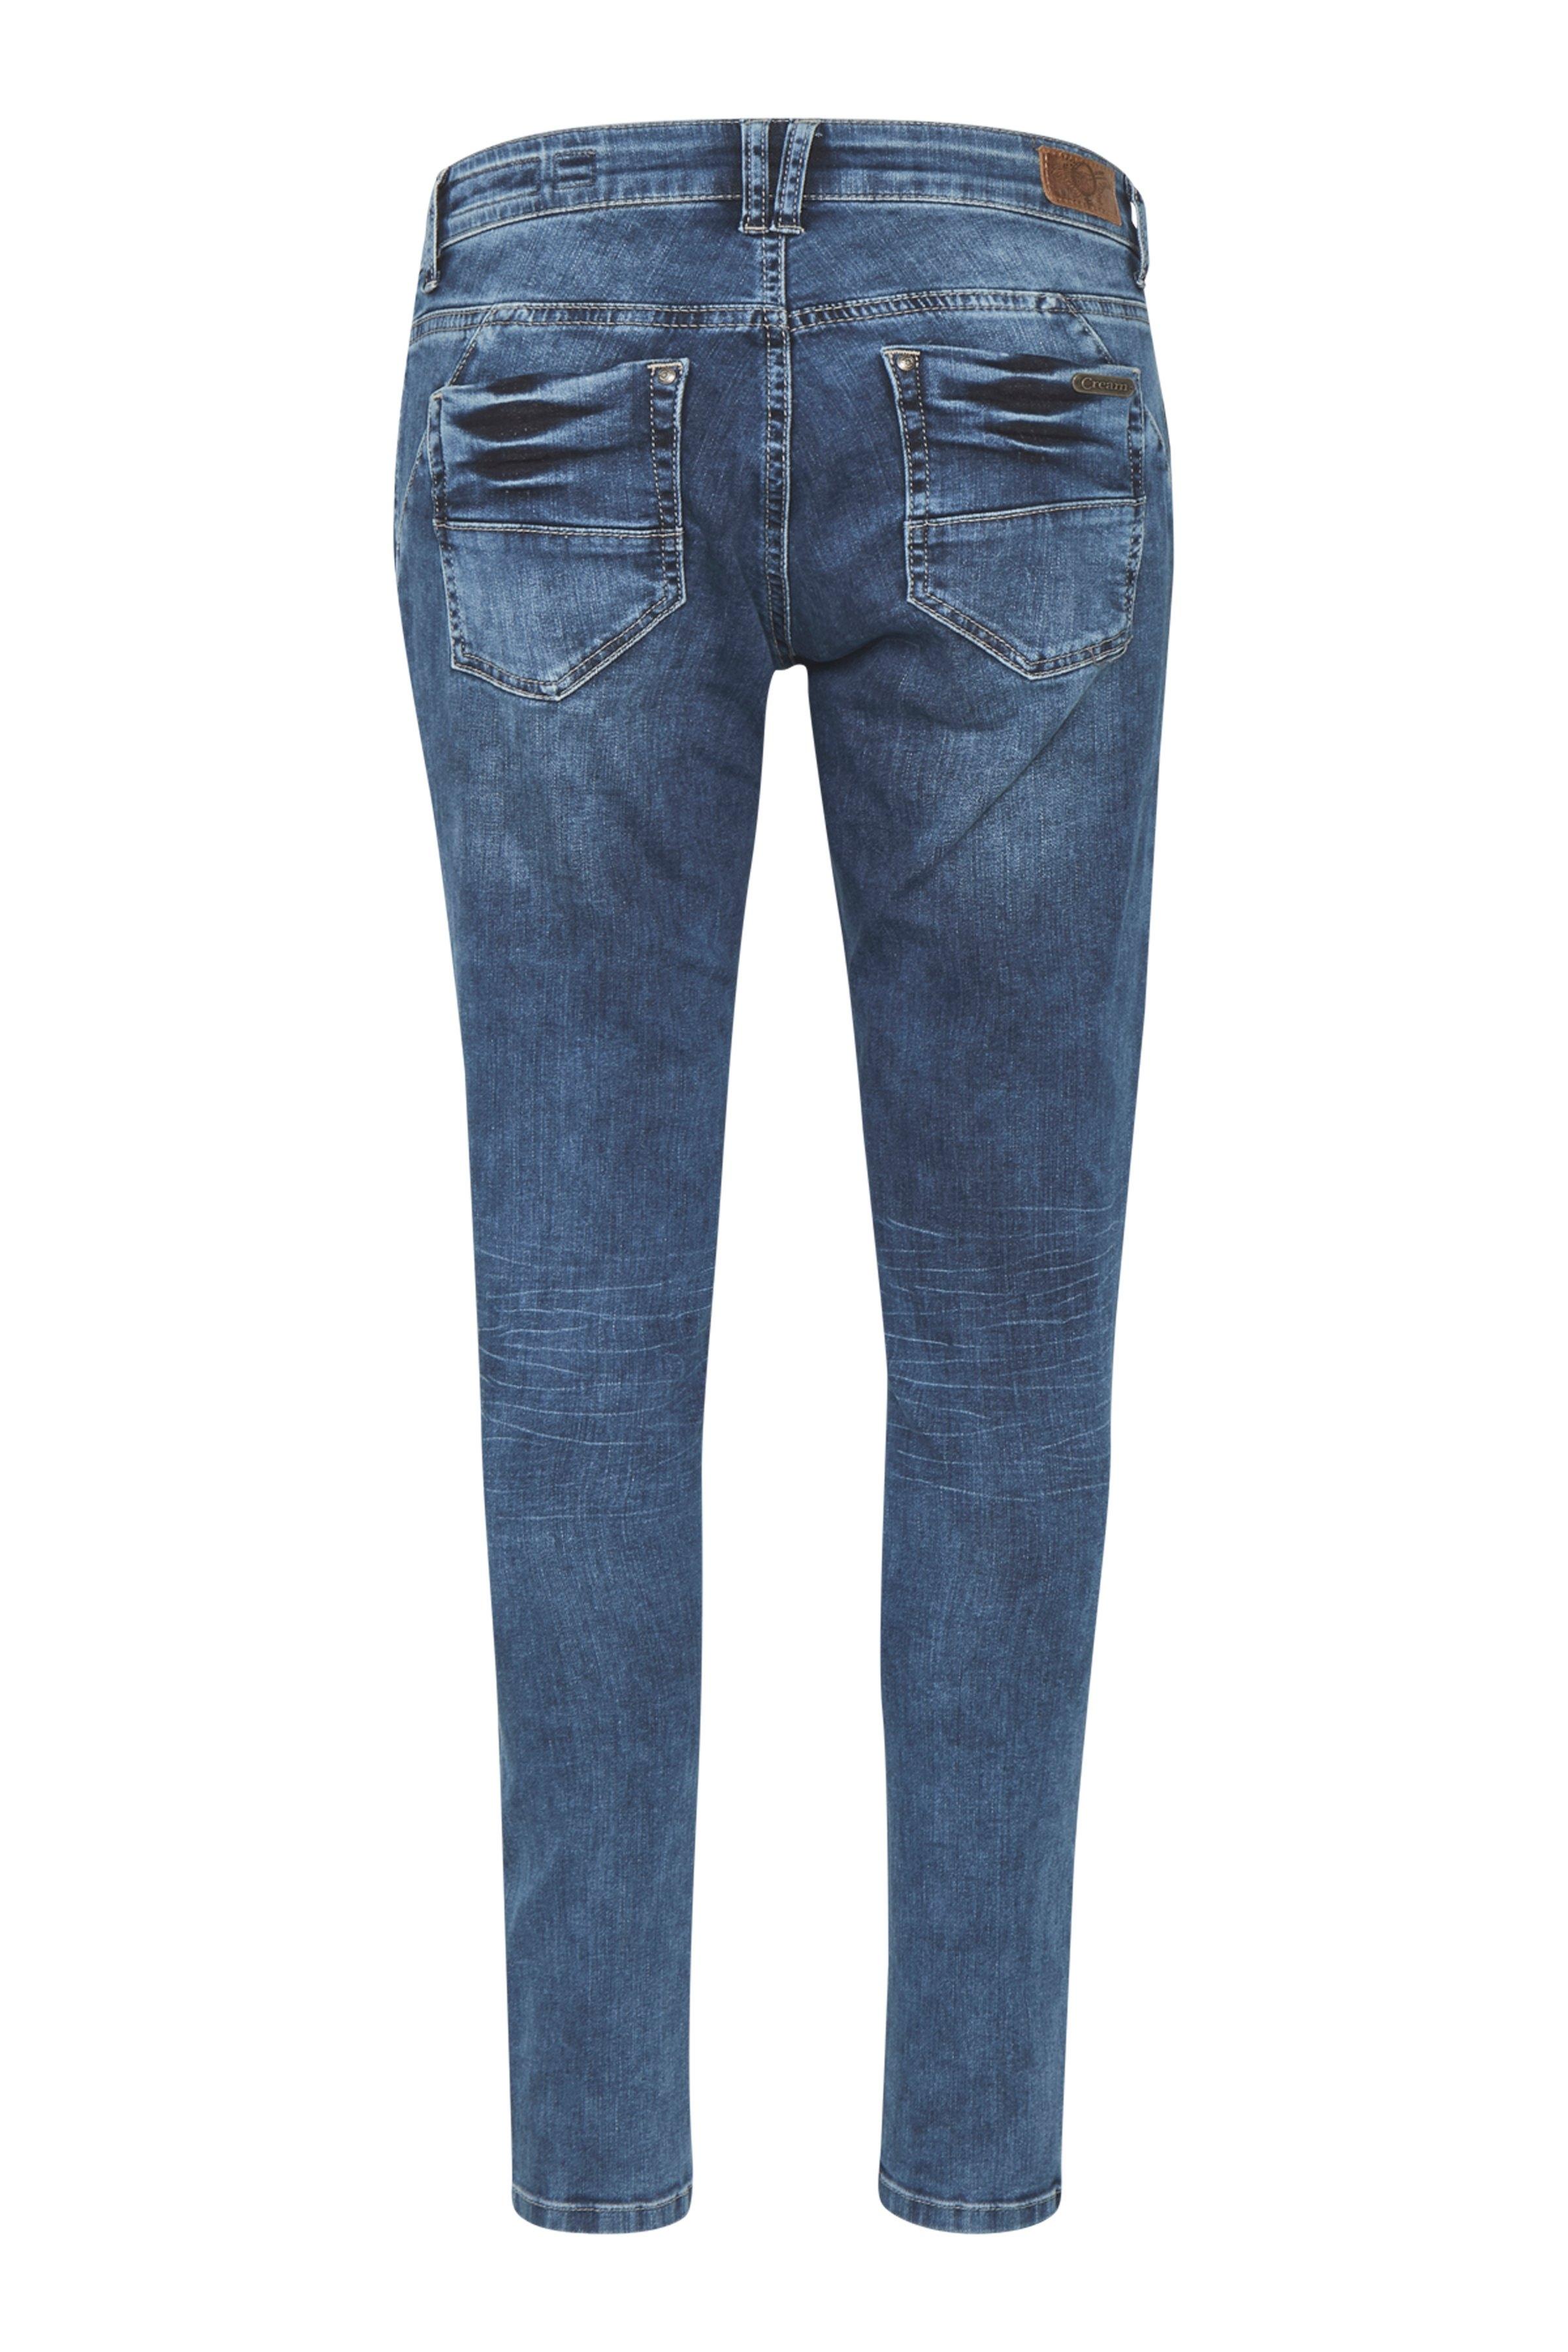 Online Regular Fit Bestellen Jeansbaiily Nu Cream dWCxBore